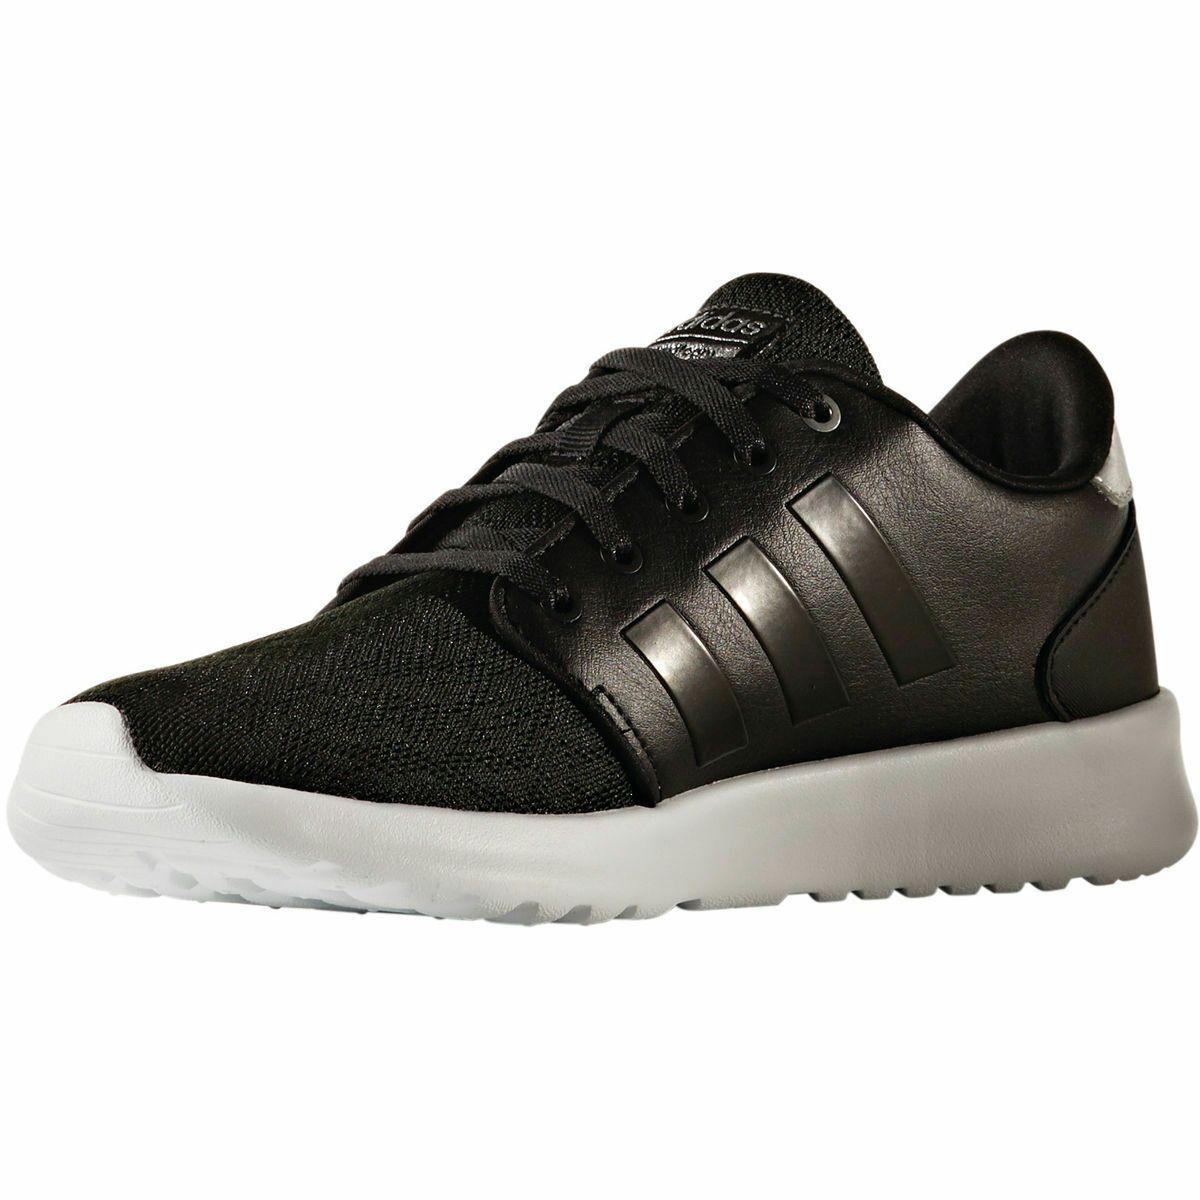 ADIDAS Damen Sneaker Cloudfoam QT Racer, schwarz/weiß, Größe 37 1/3- 41 1/3, Karstadt